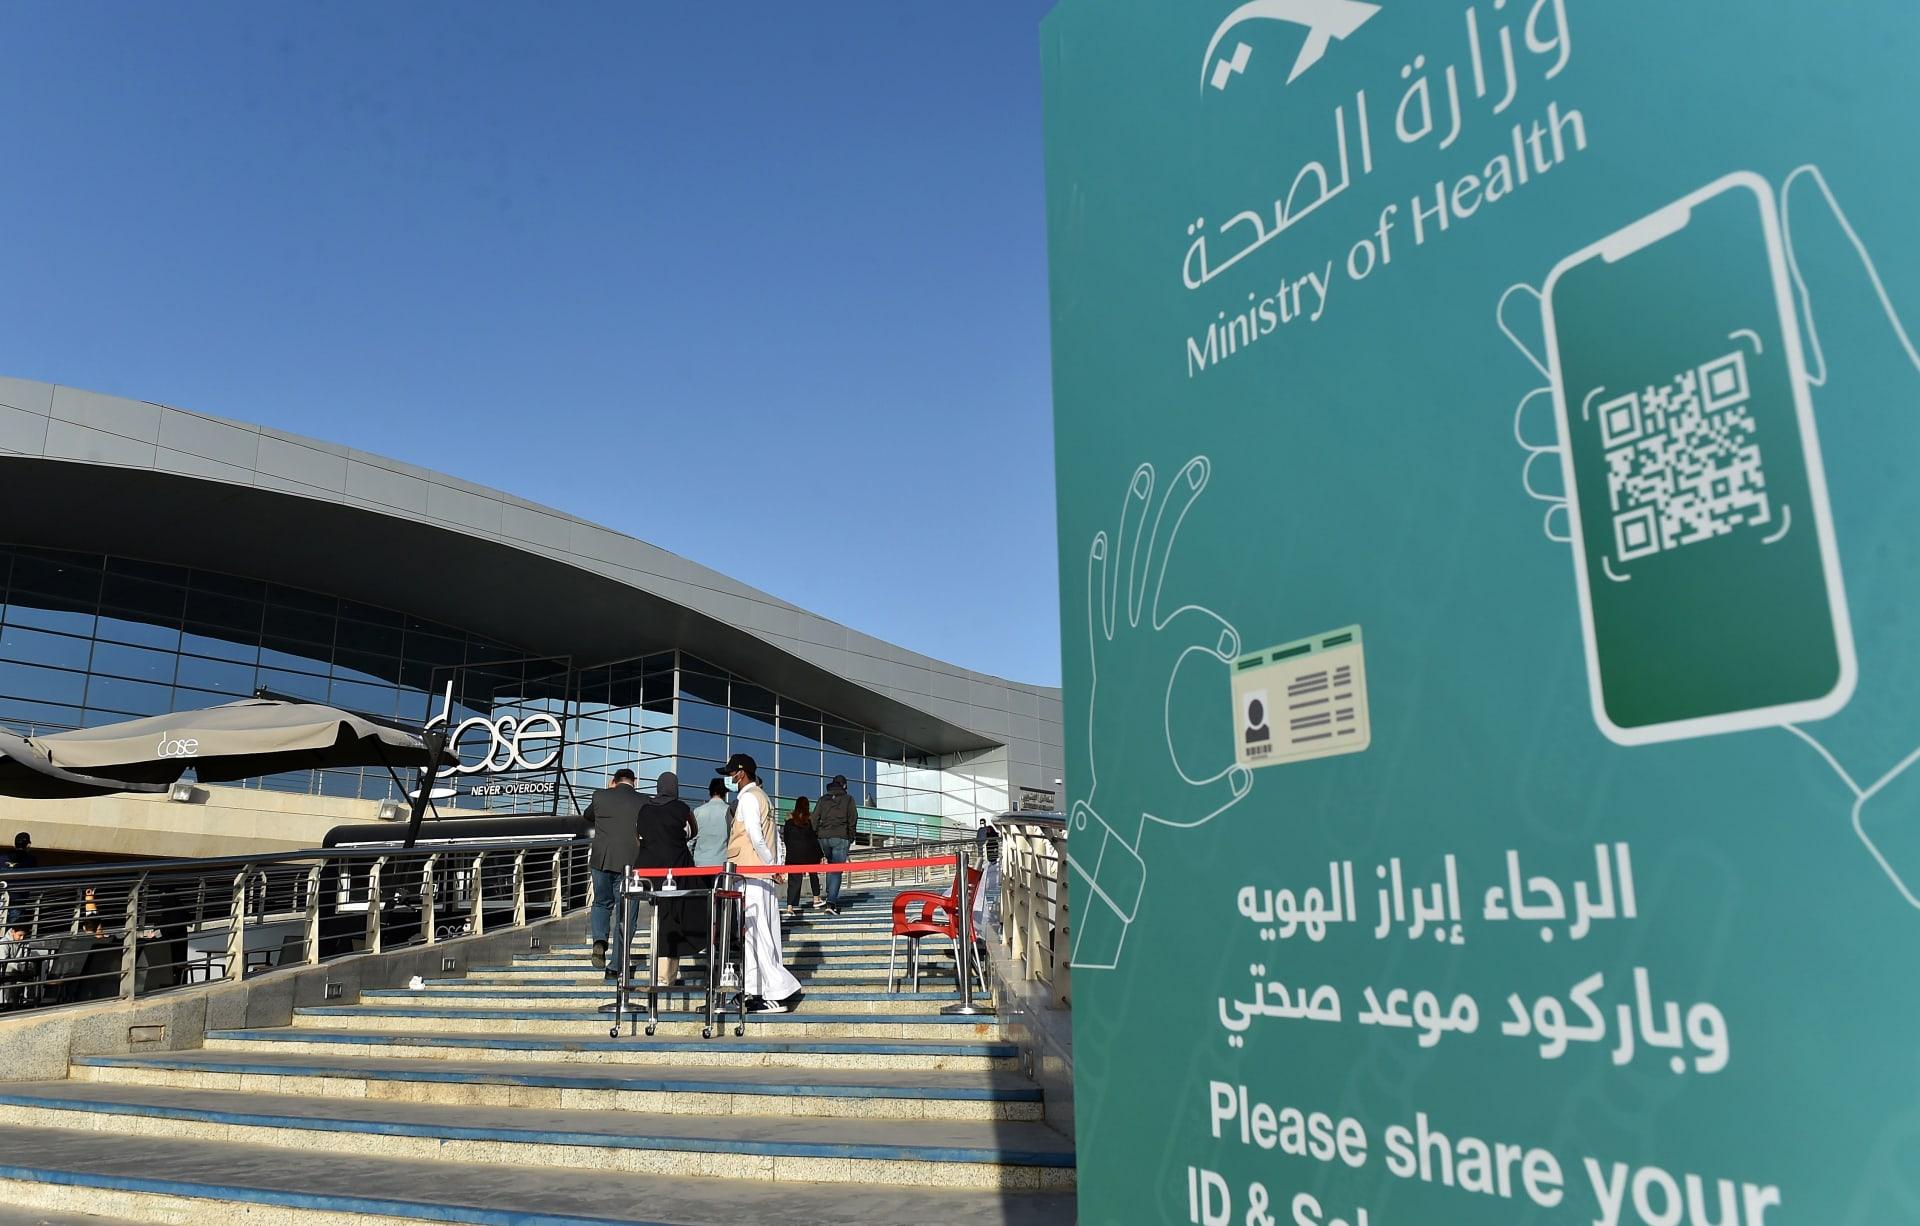 وصول أشخاص إلى مركز الرياض الدولي للمؤتمرات والمعارض لتلقي جرعة لقاح ضد مرض كوفيد -19، في العاصمة السعودية الرياض ، في 21 يناير 2021